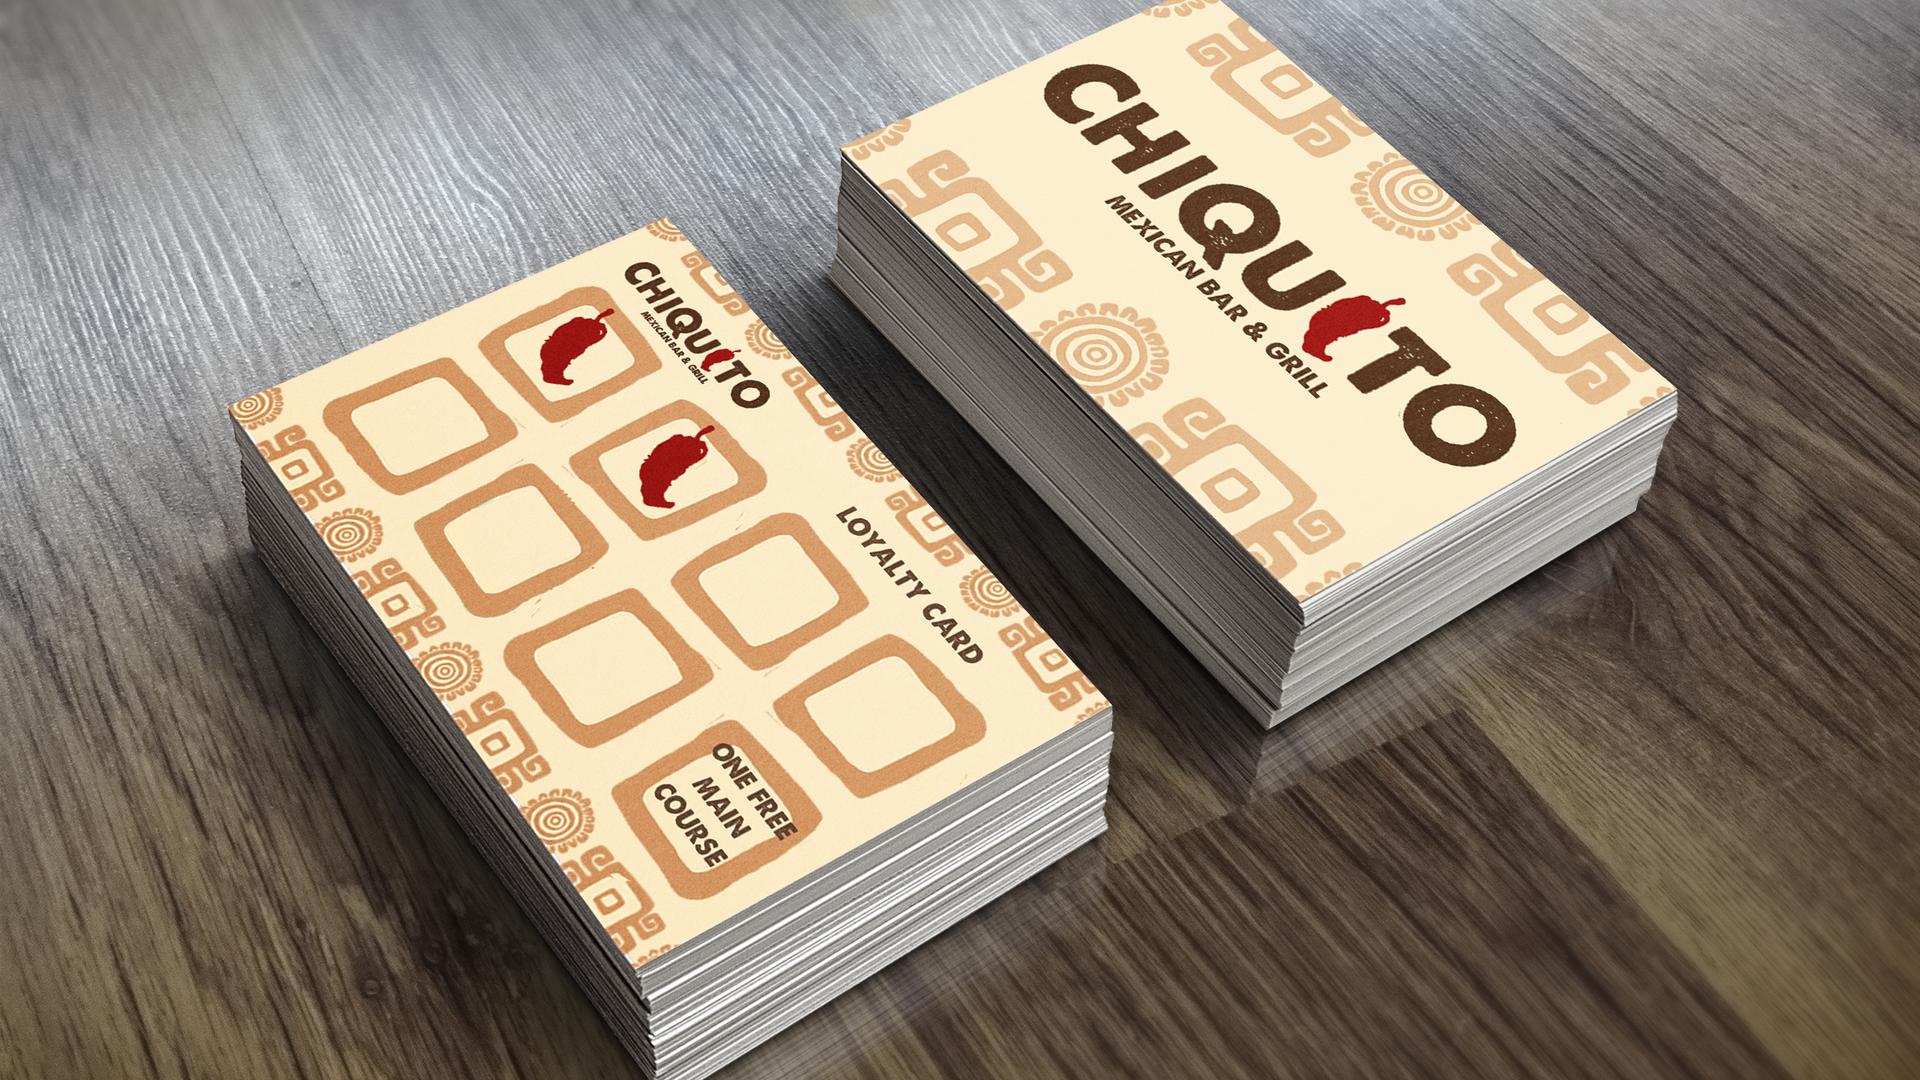 Designray chiquito rebrand